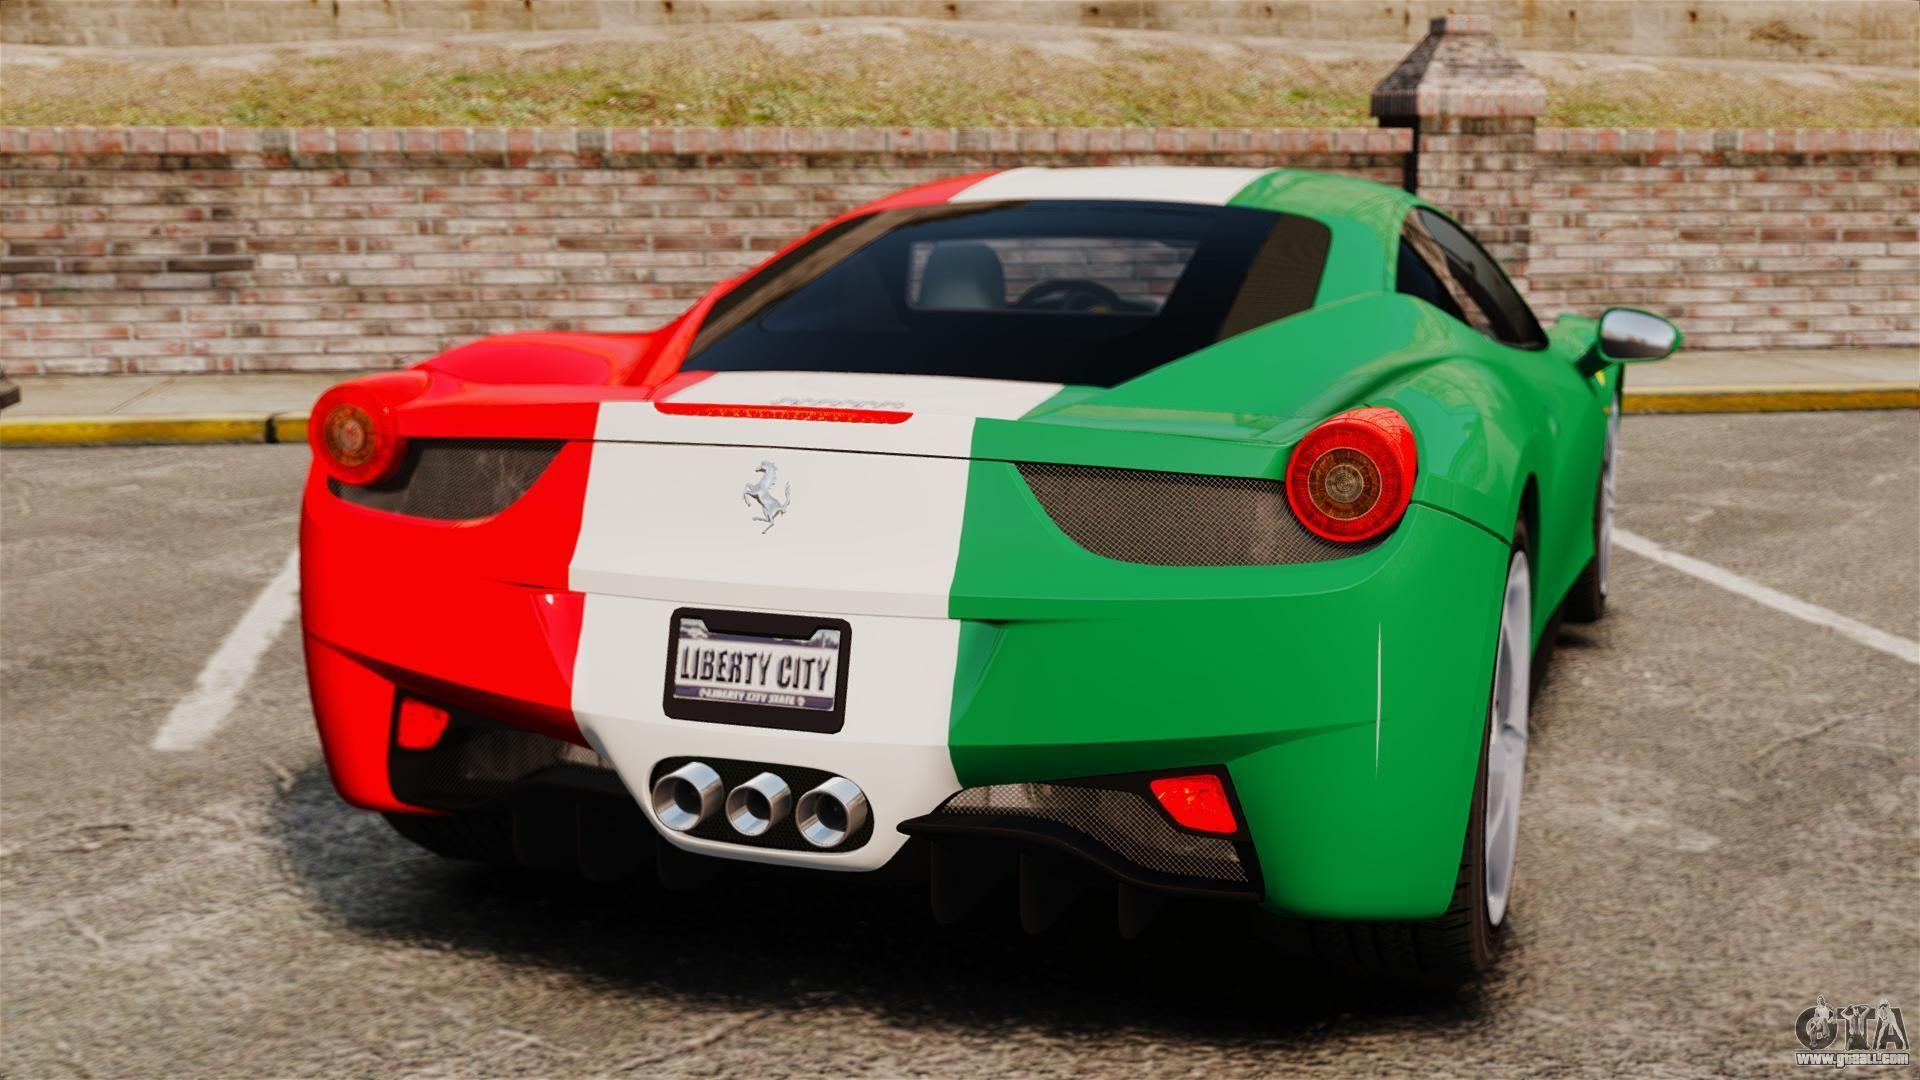 2014 Ferrari 458 Italia By ByDesign Motorsports | Ferrari 458 | Pinterest | Ferrari  458, Ferrari And Cars